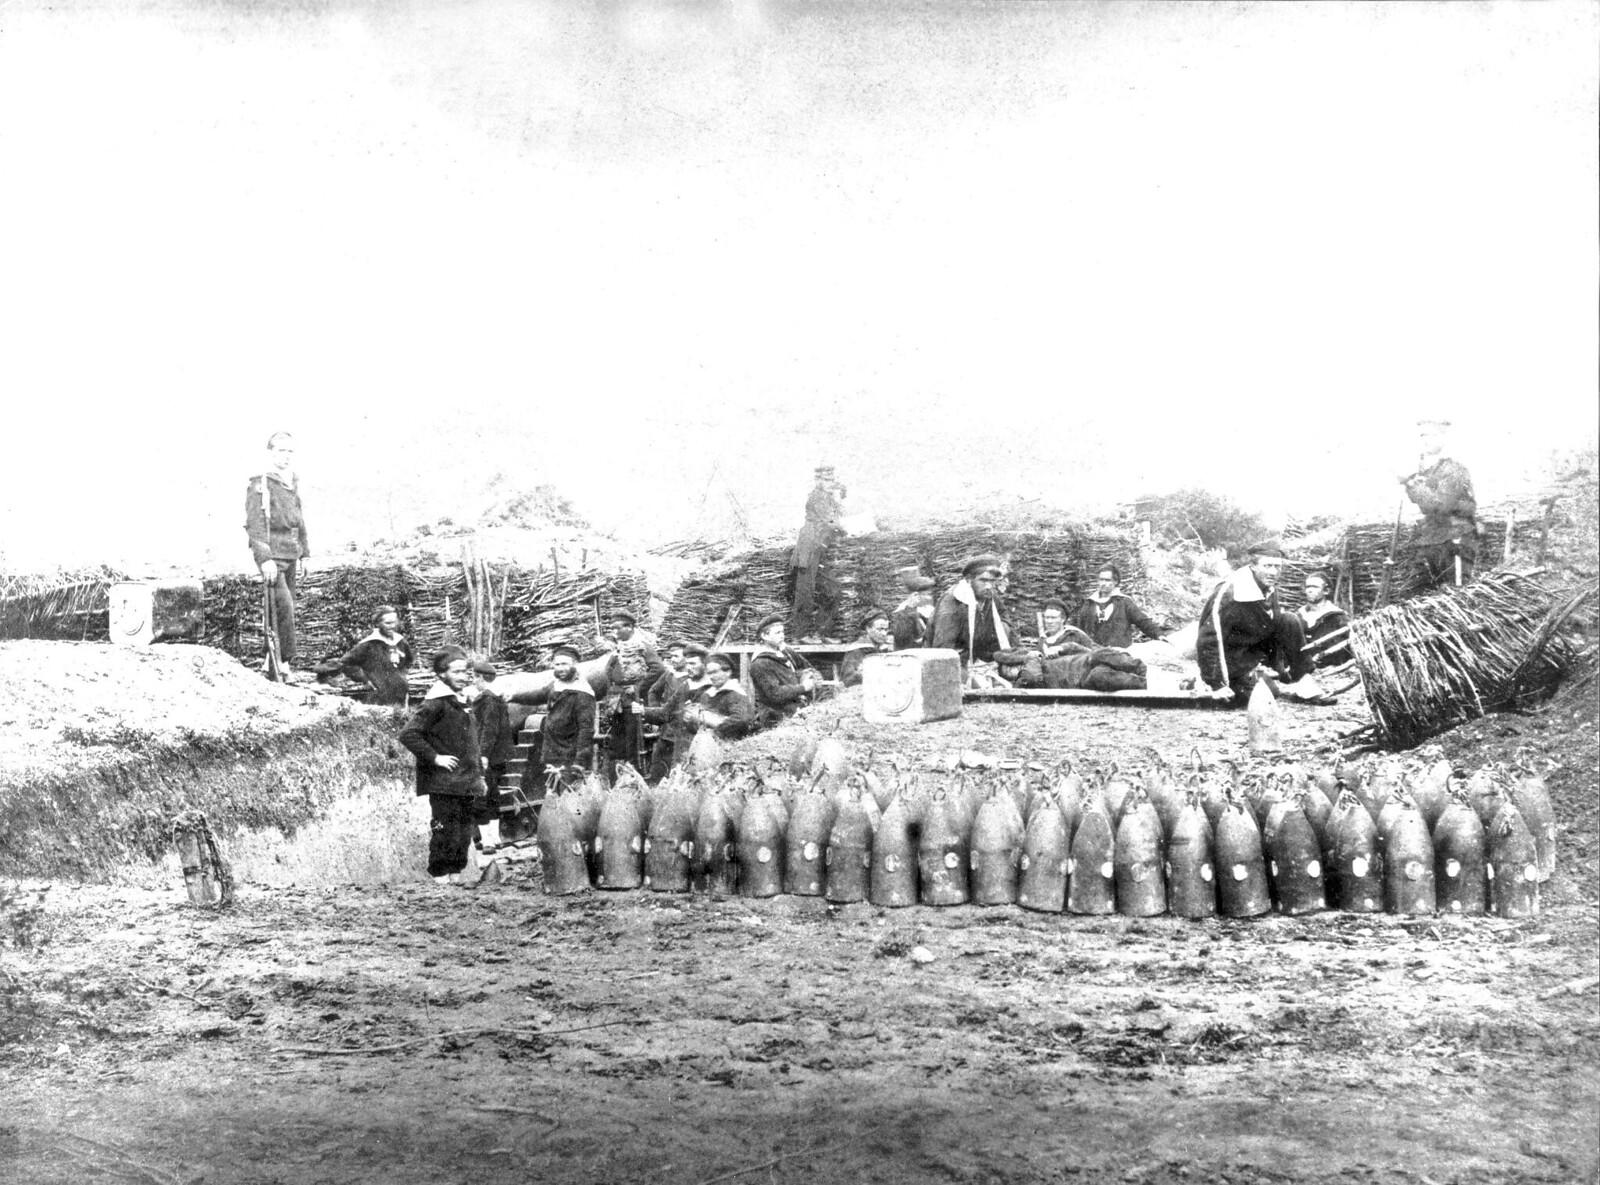 07. 1870. Осада Парижа. Морская пехота. Батарея Жозефина, Порт-де-Сент-Уэн